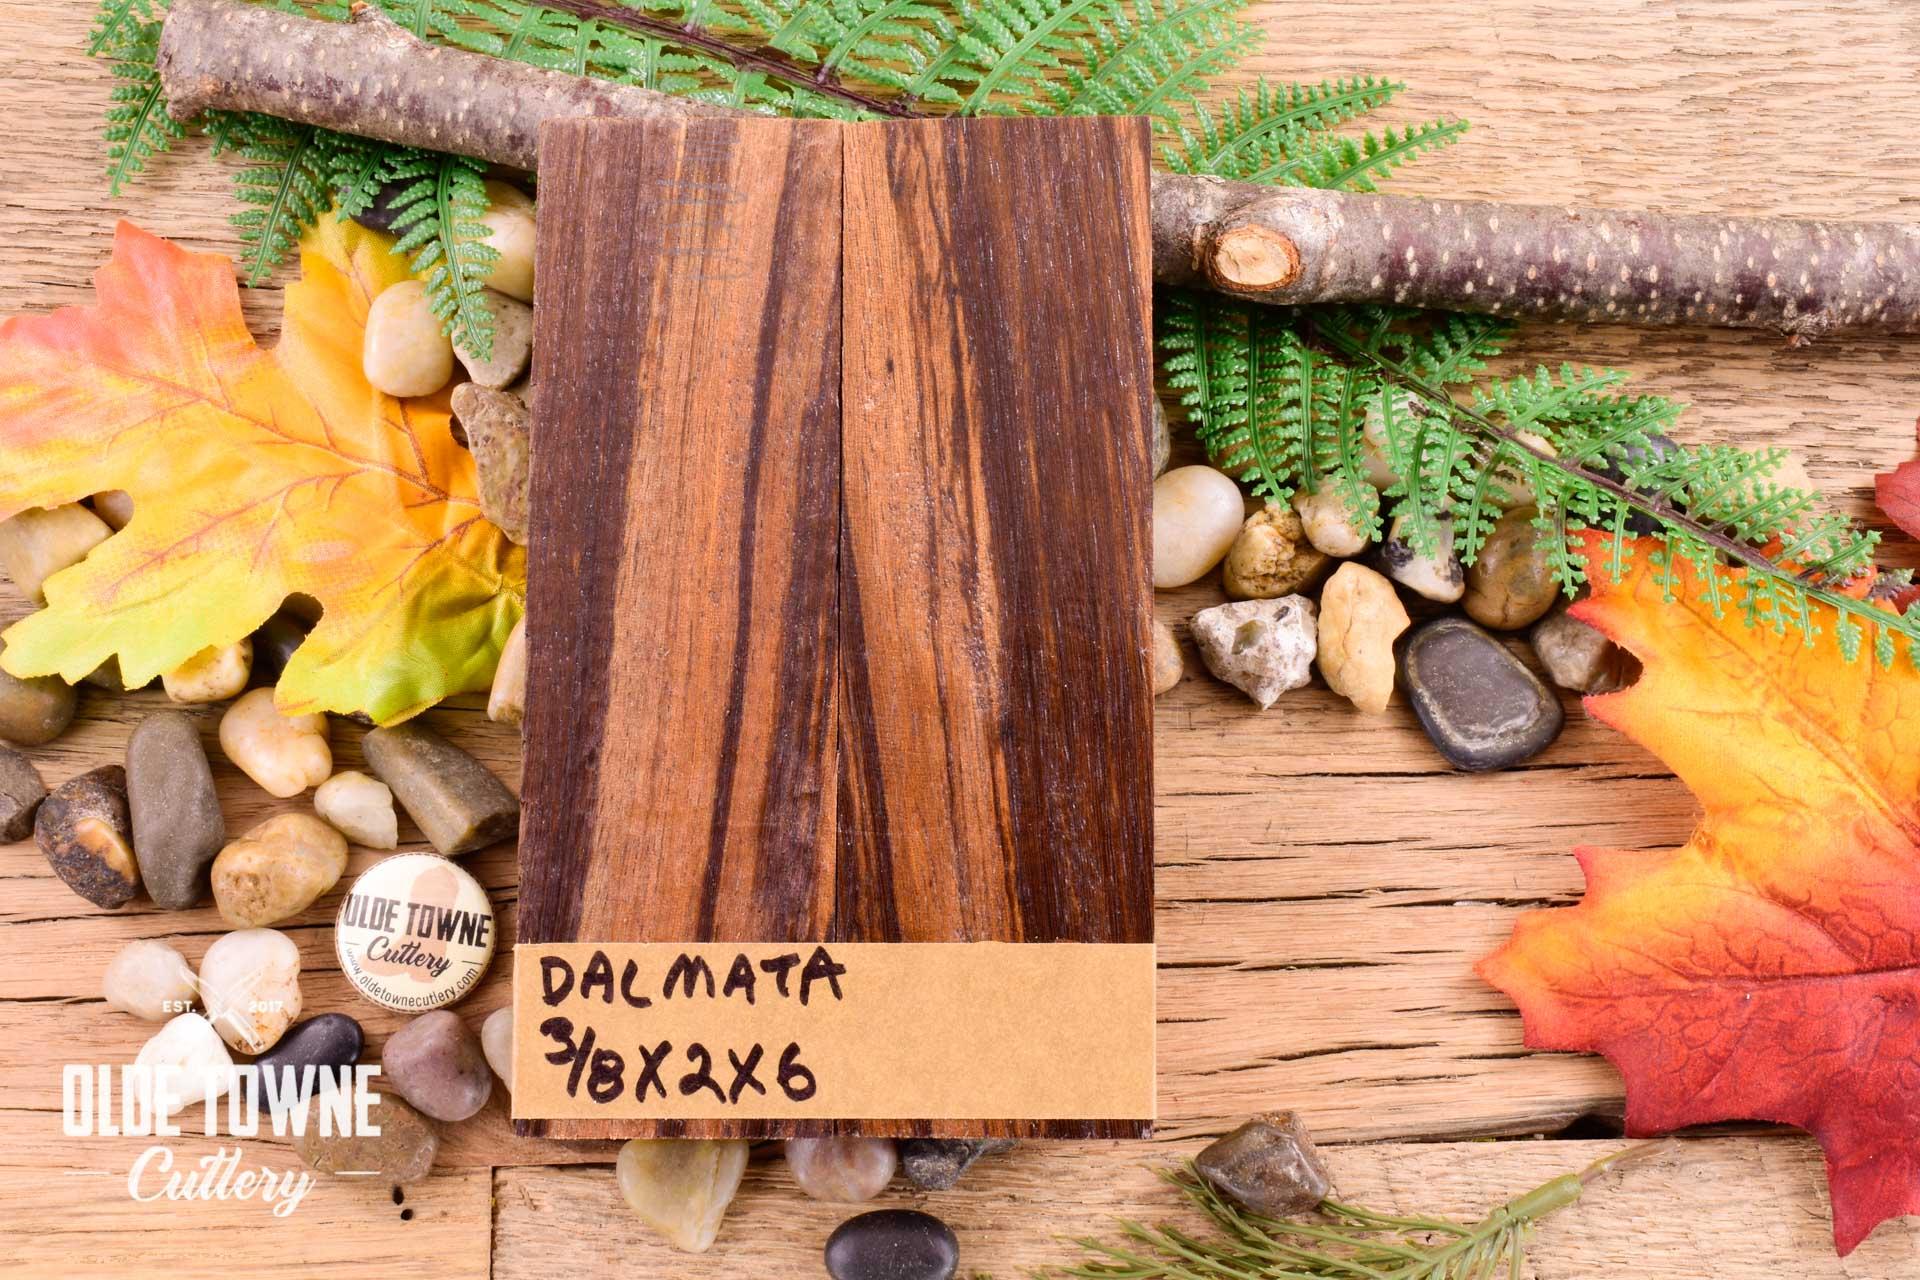 Handle Material Dalmata 3/8 x 2 x 6